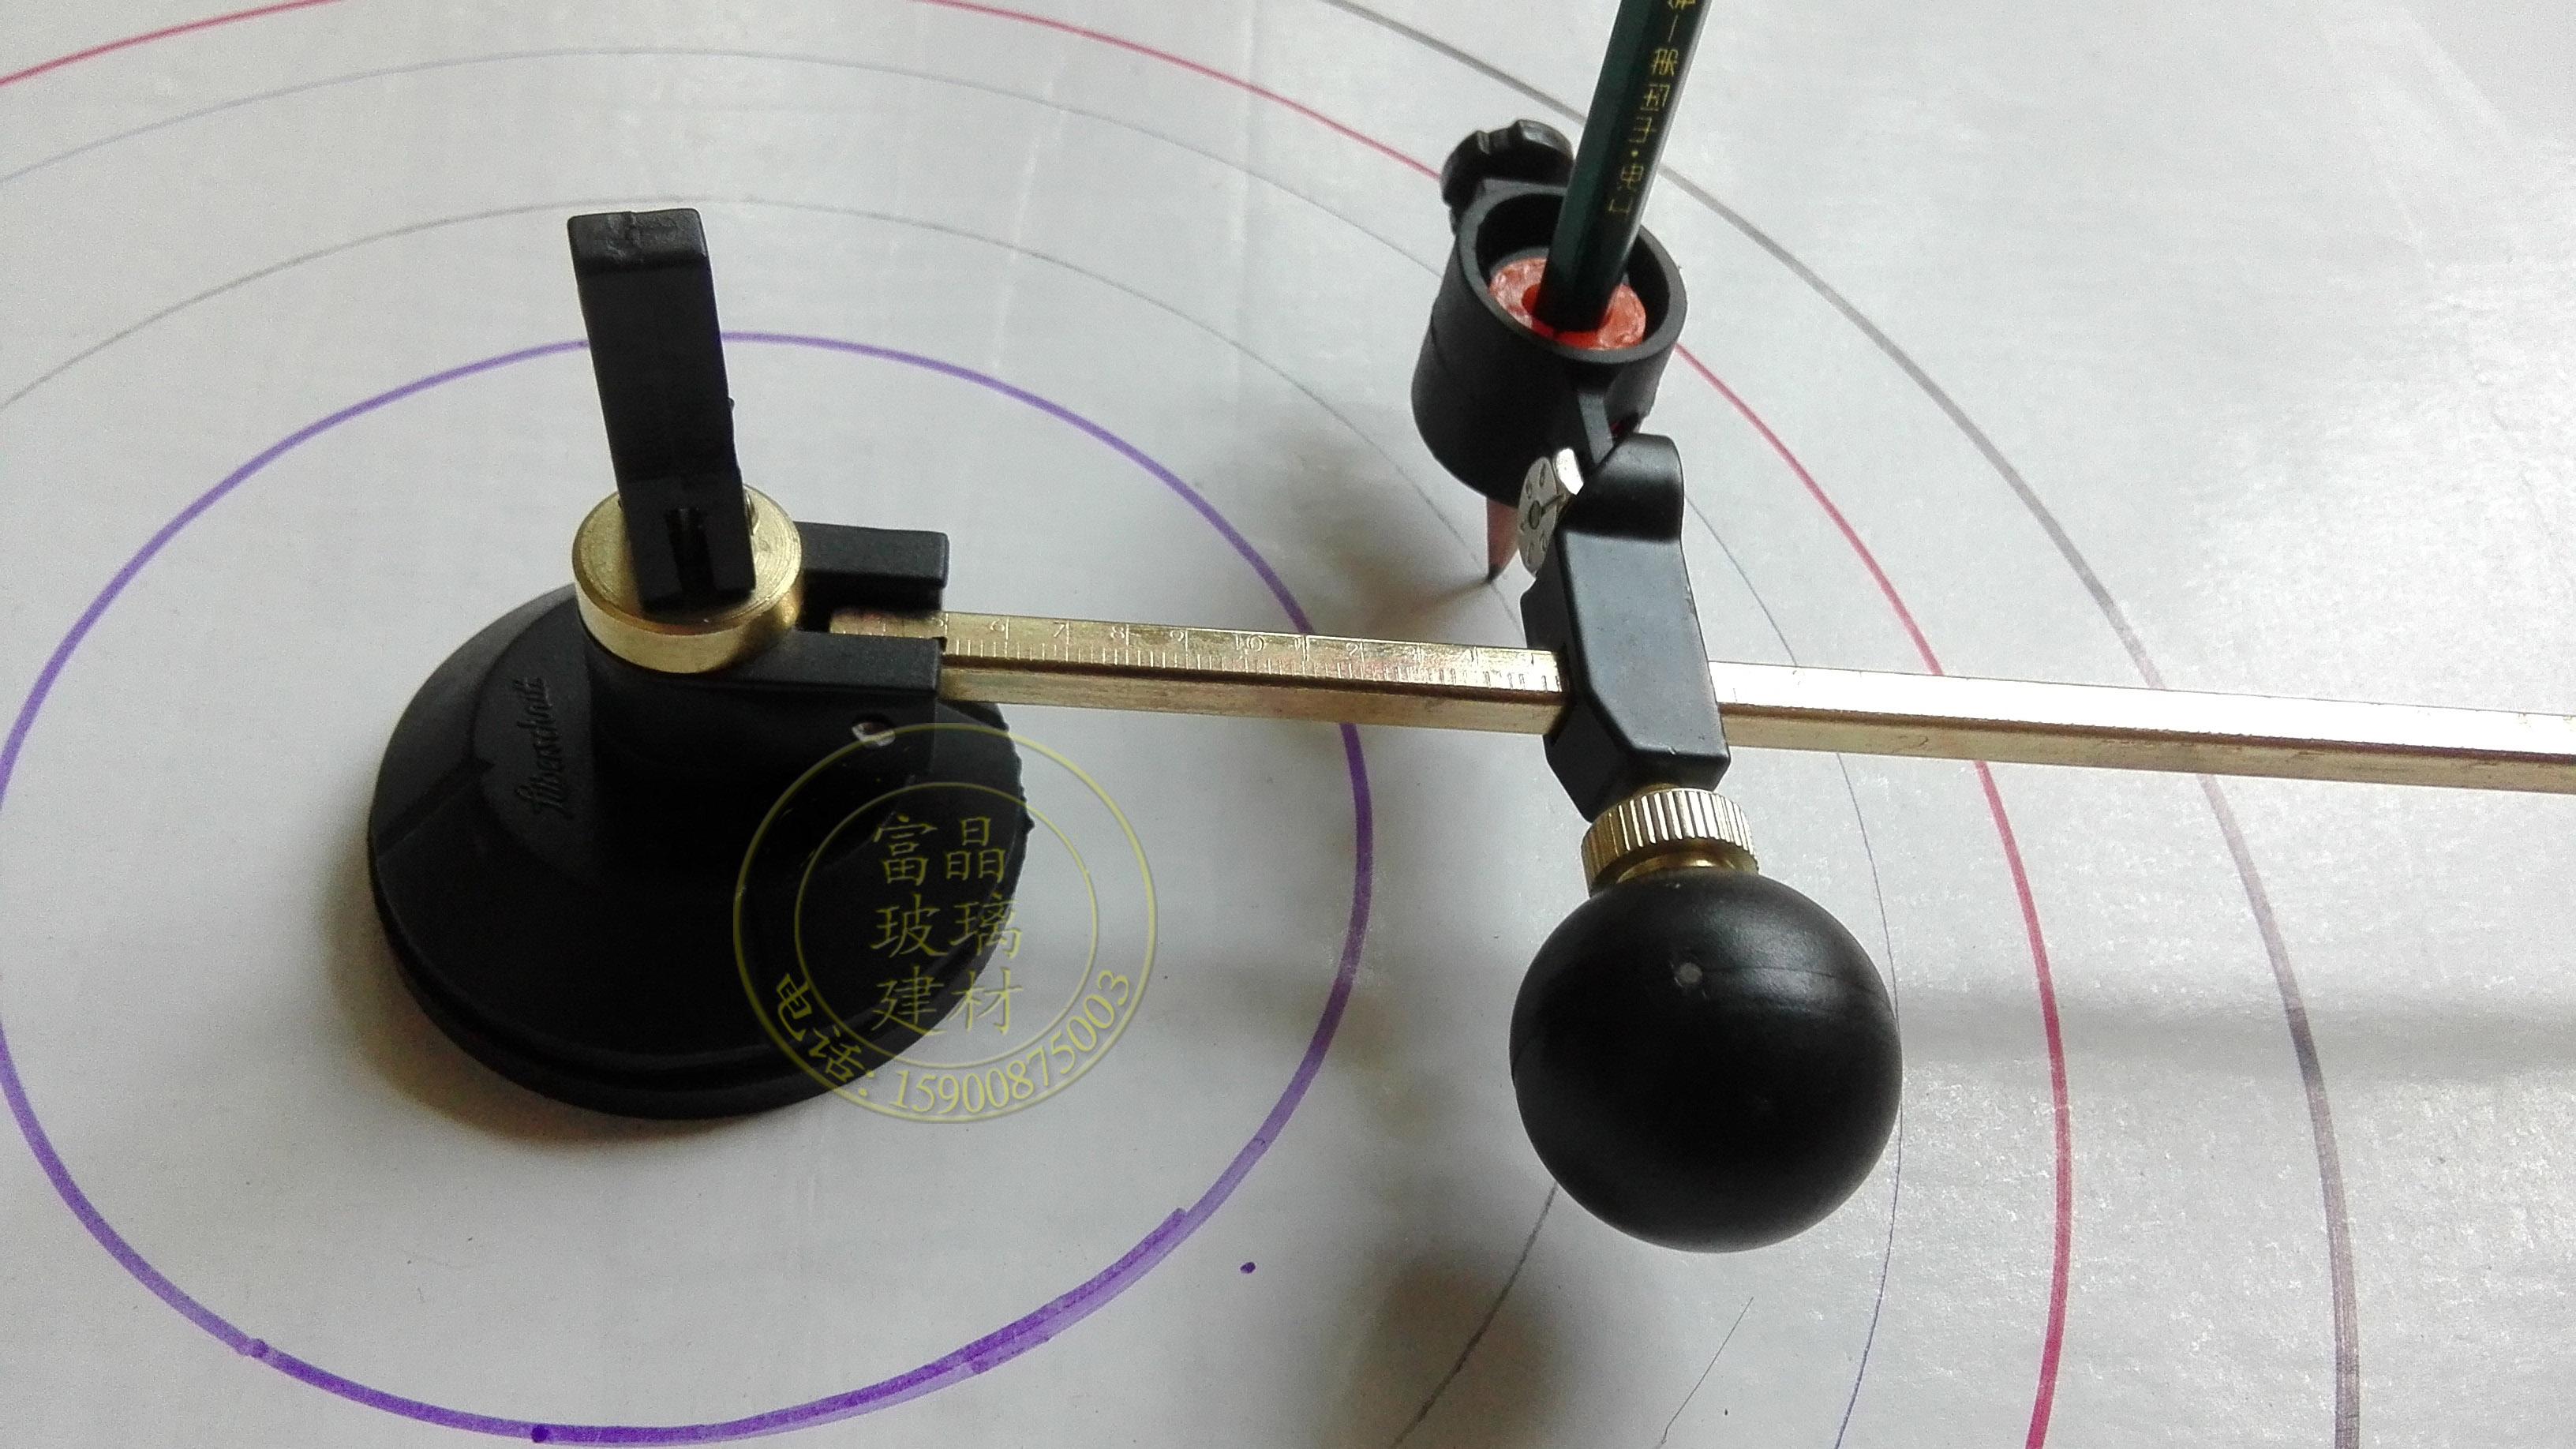 包邮 特大圆规夹铅笔 白板粉笔 记号水笔 夹笔器画圆工具 画圆器